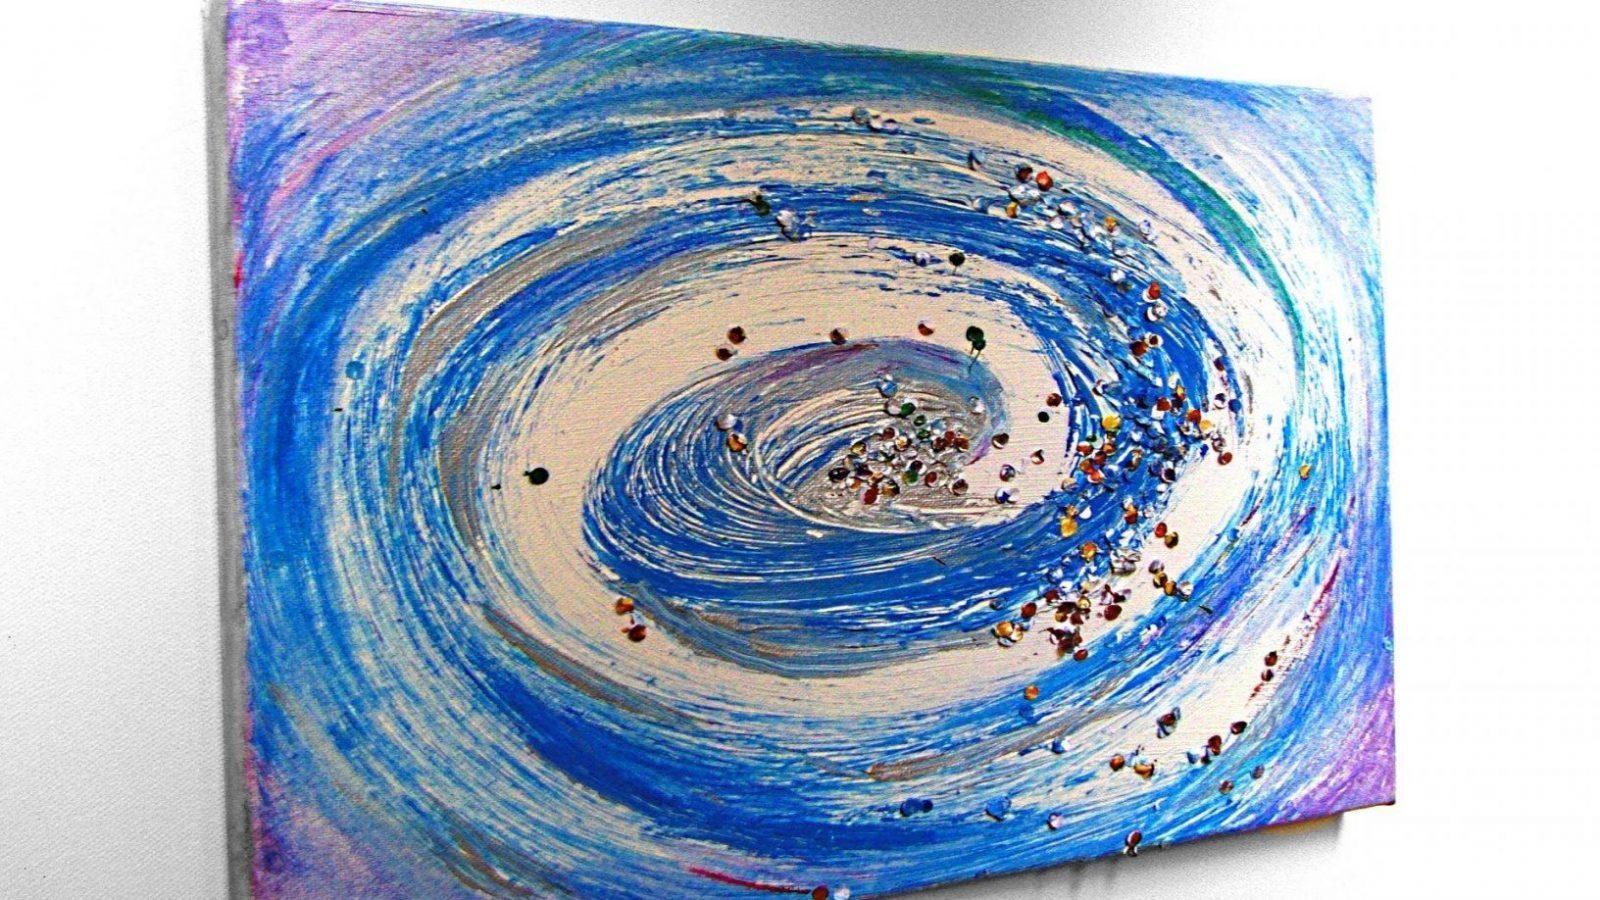 Wirbel Abstrakt Malen Mit Acryl (Whirl Abstract Painting With von Abstrakt Malen Für Anfänger Bild